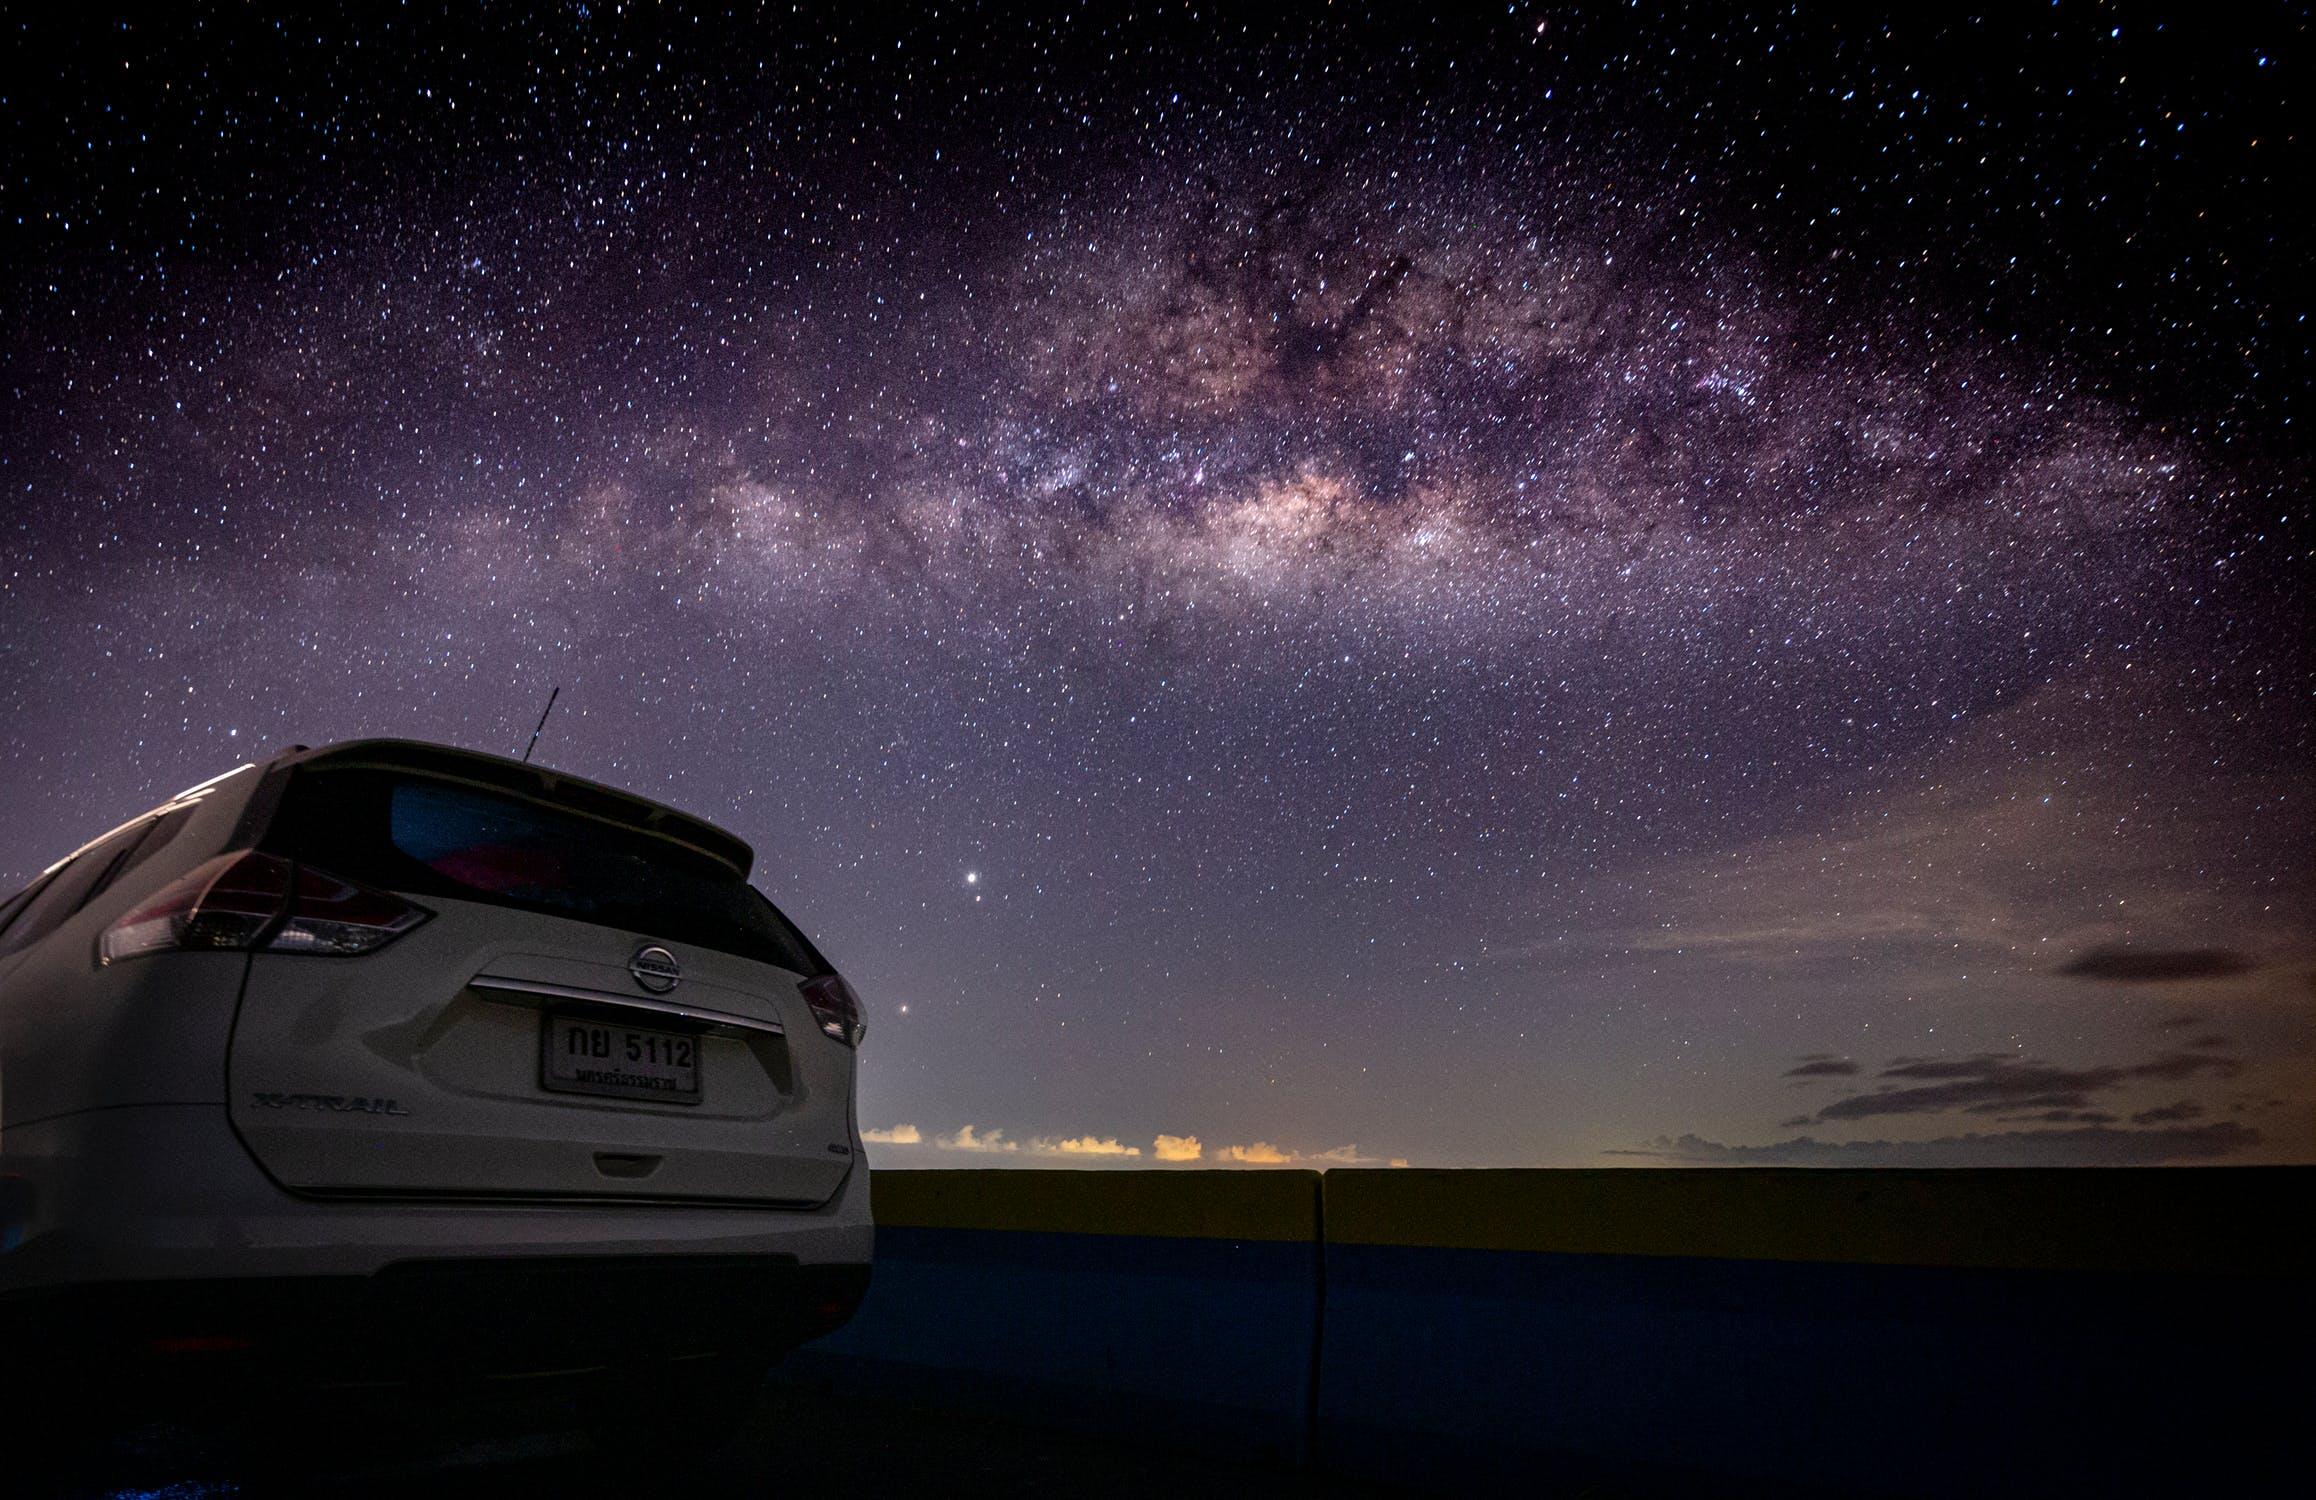 Bộ sưu tập ảnh nền 4k laptop với bầu trời đầy sao